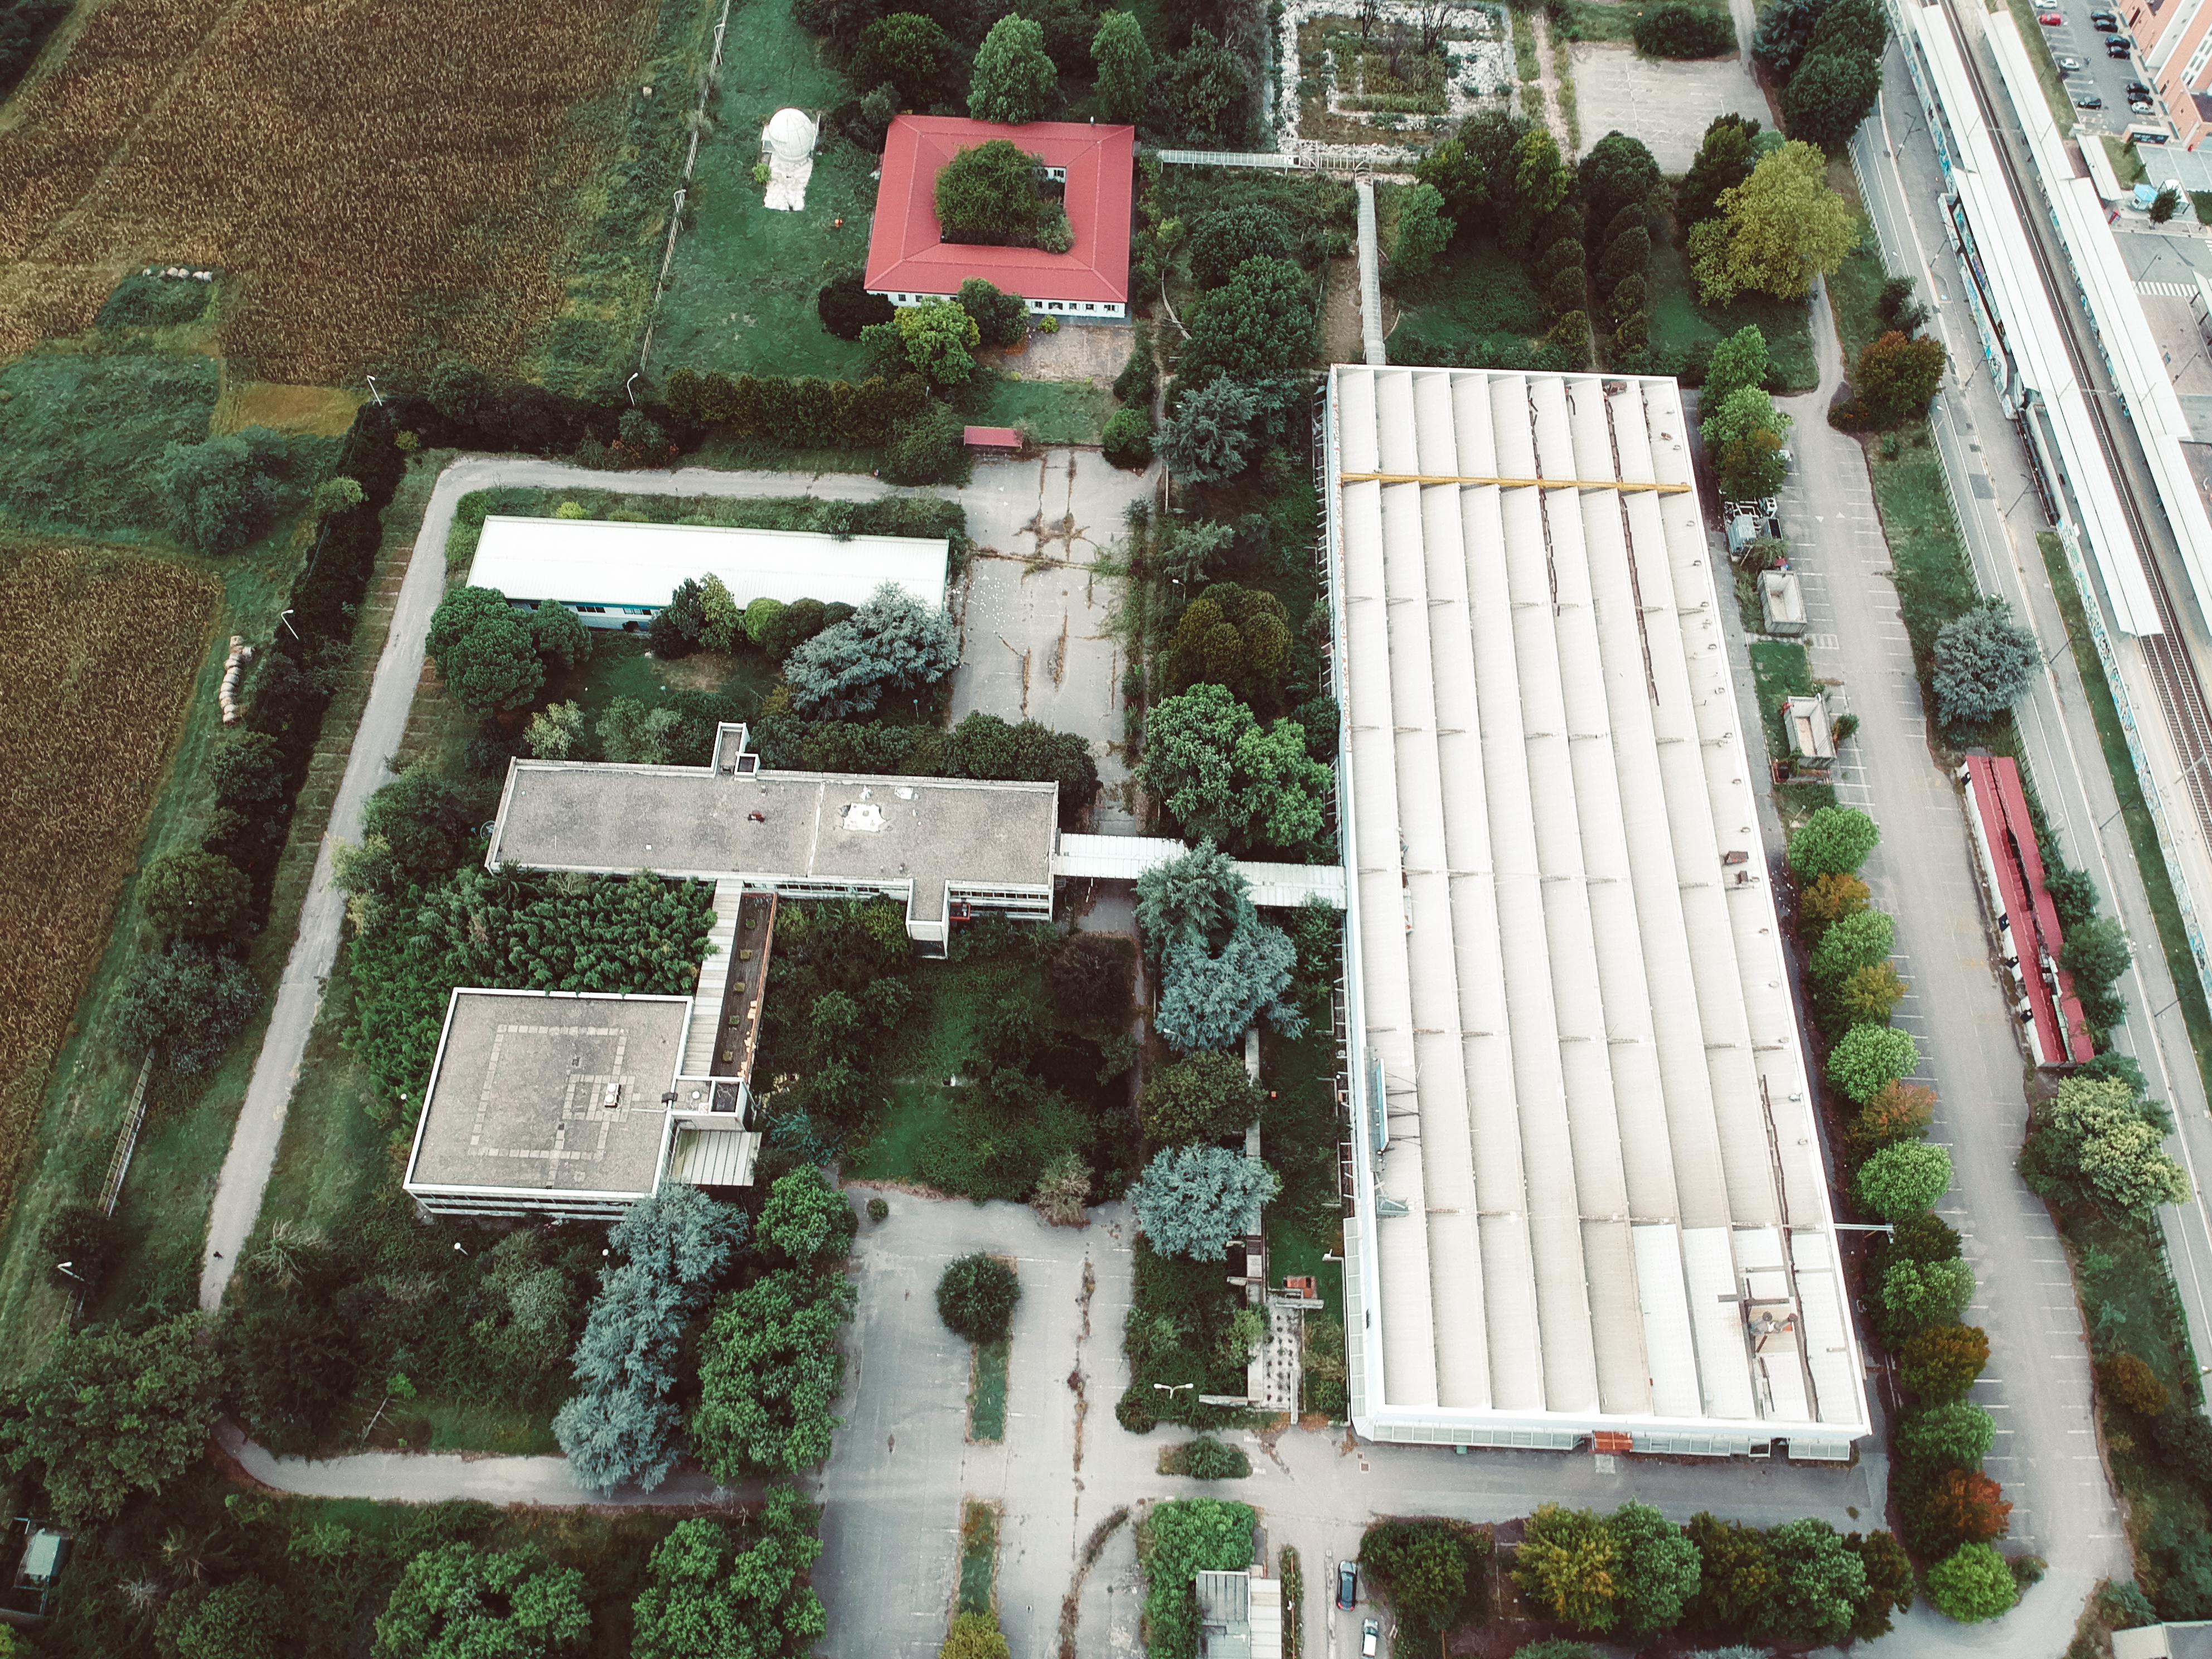 Vista aerea dell'area - SQM Real Estate - Area Pregnana Milanese ex Olivetti Bull Italia - Sviluppo riqualificazione immobile industriale